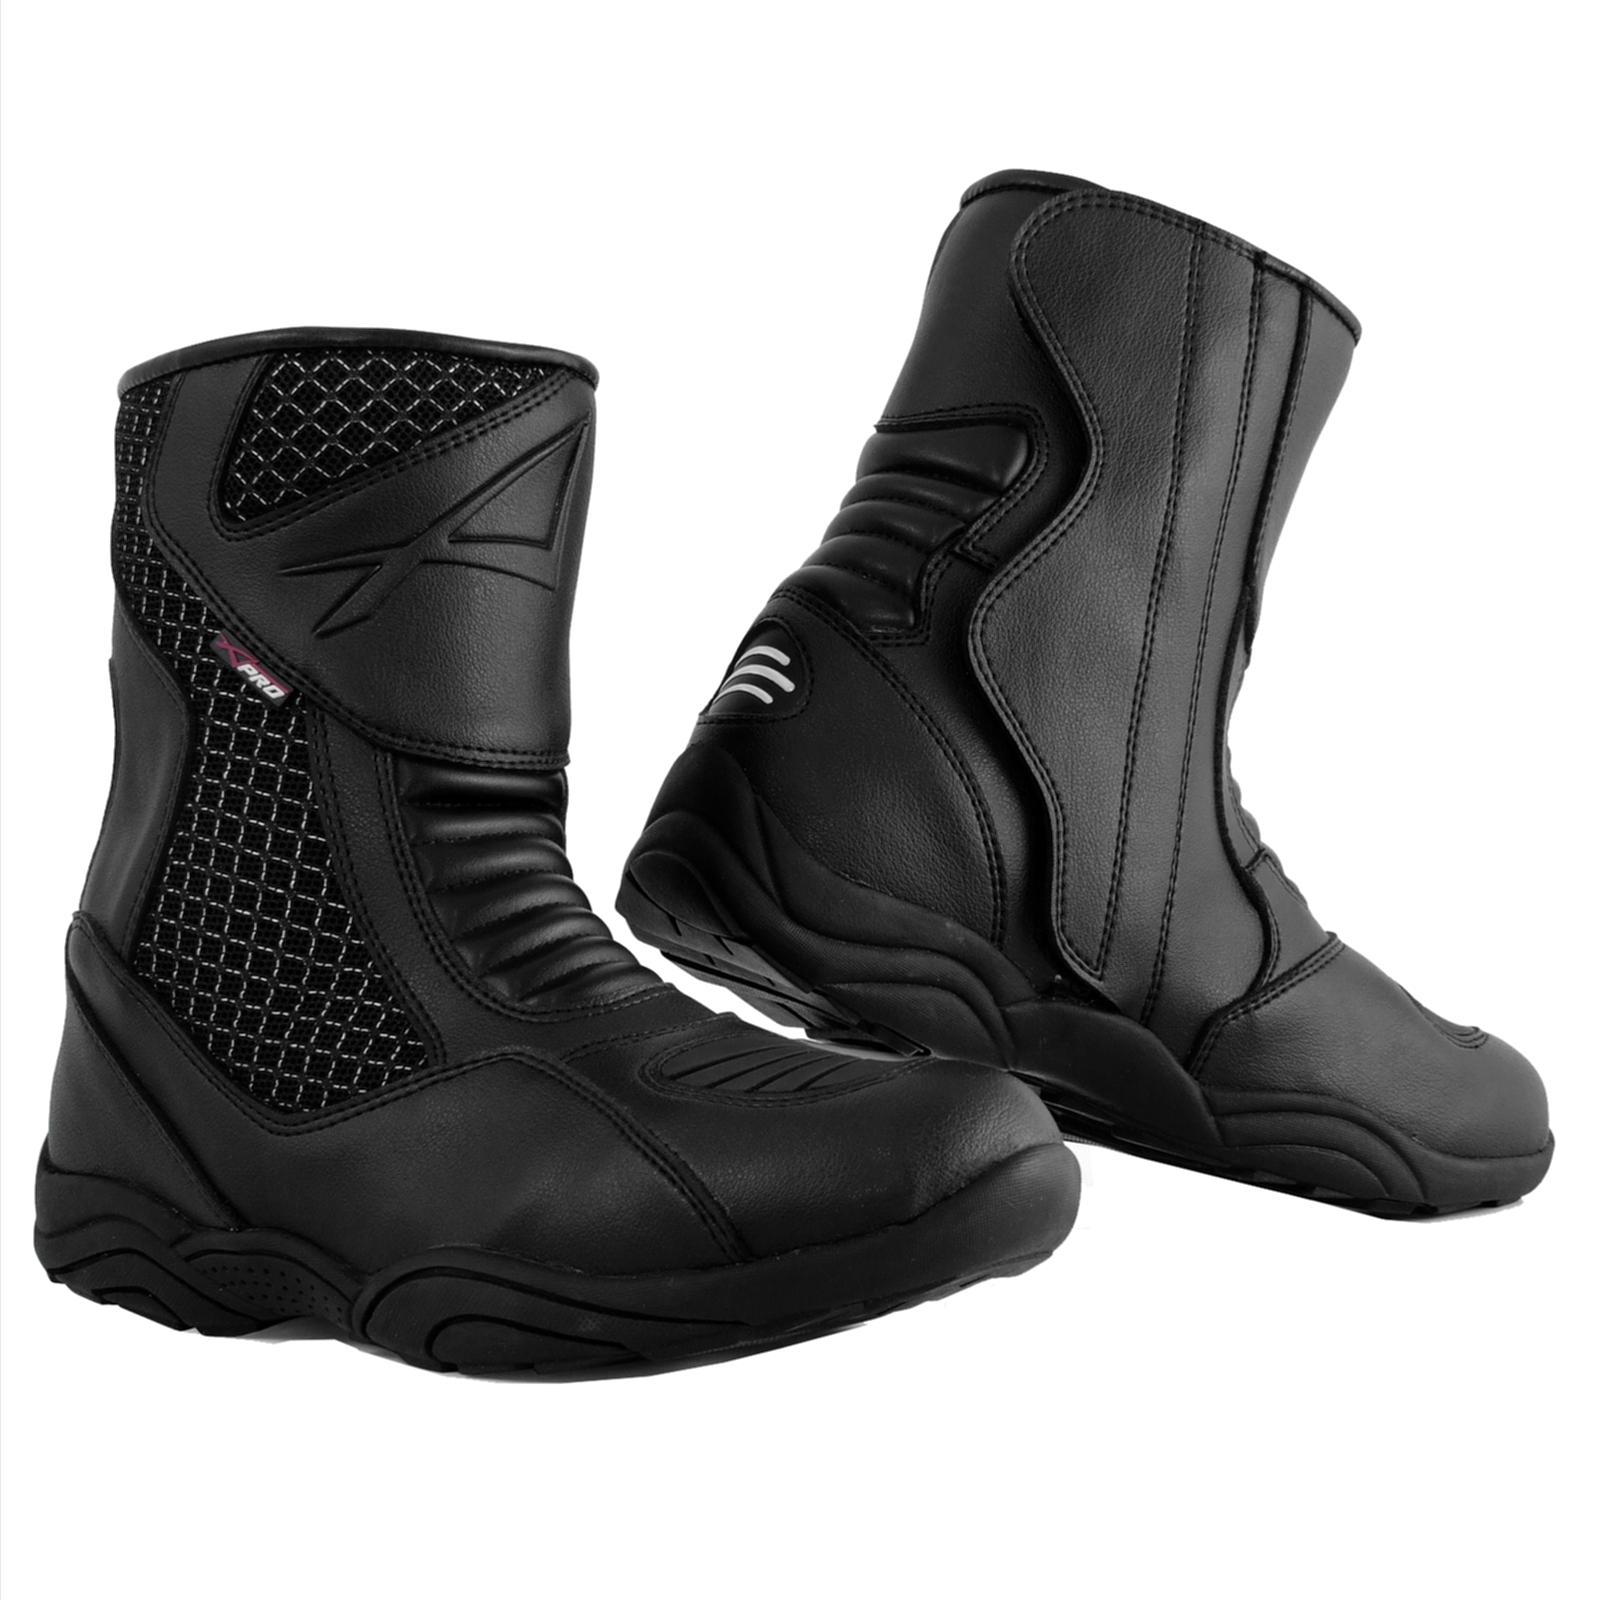 A-pro Bottes Chaussures Moto Scooter City Touring Imperm/éable Cuir Noir 45